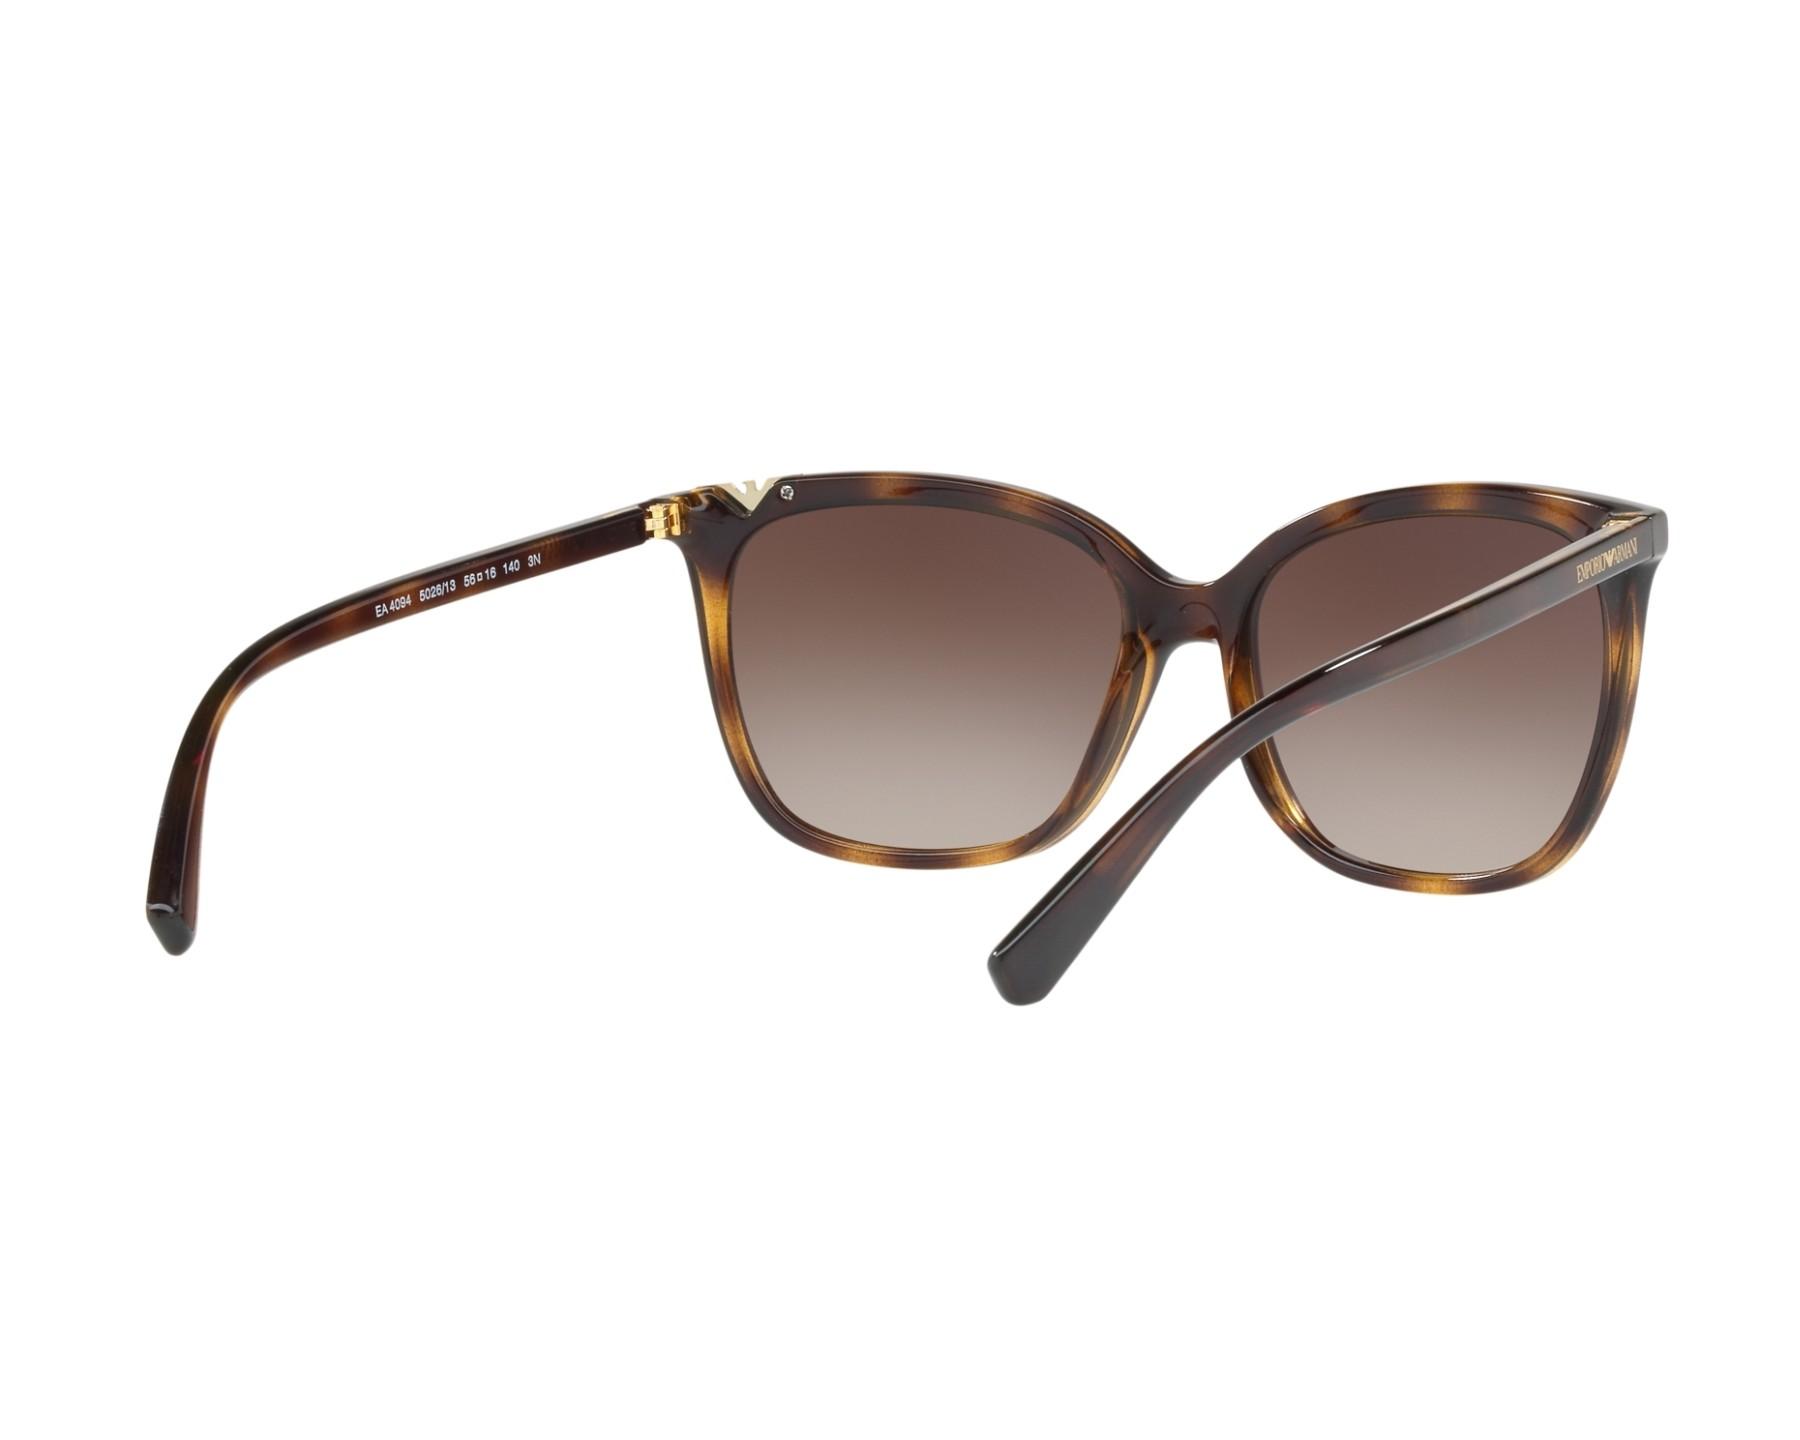 Emporio Armani EA4094 Sonnenbrille Violett 560311 56mm mJqi6i